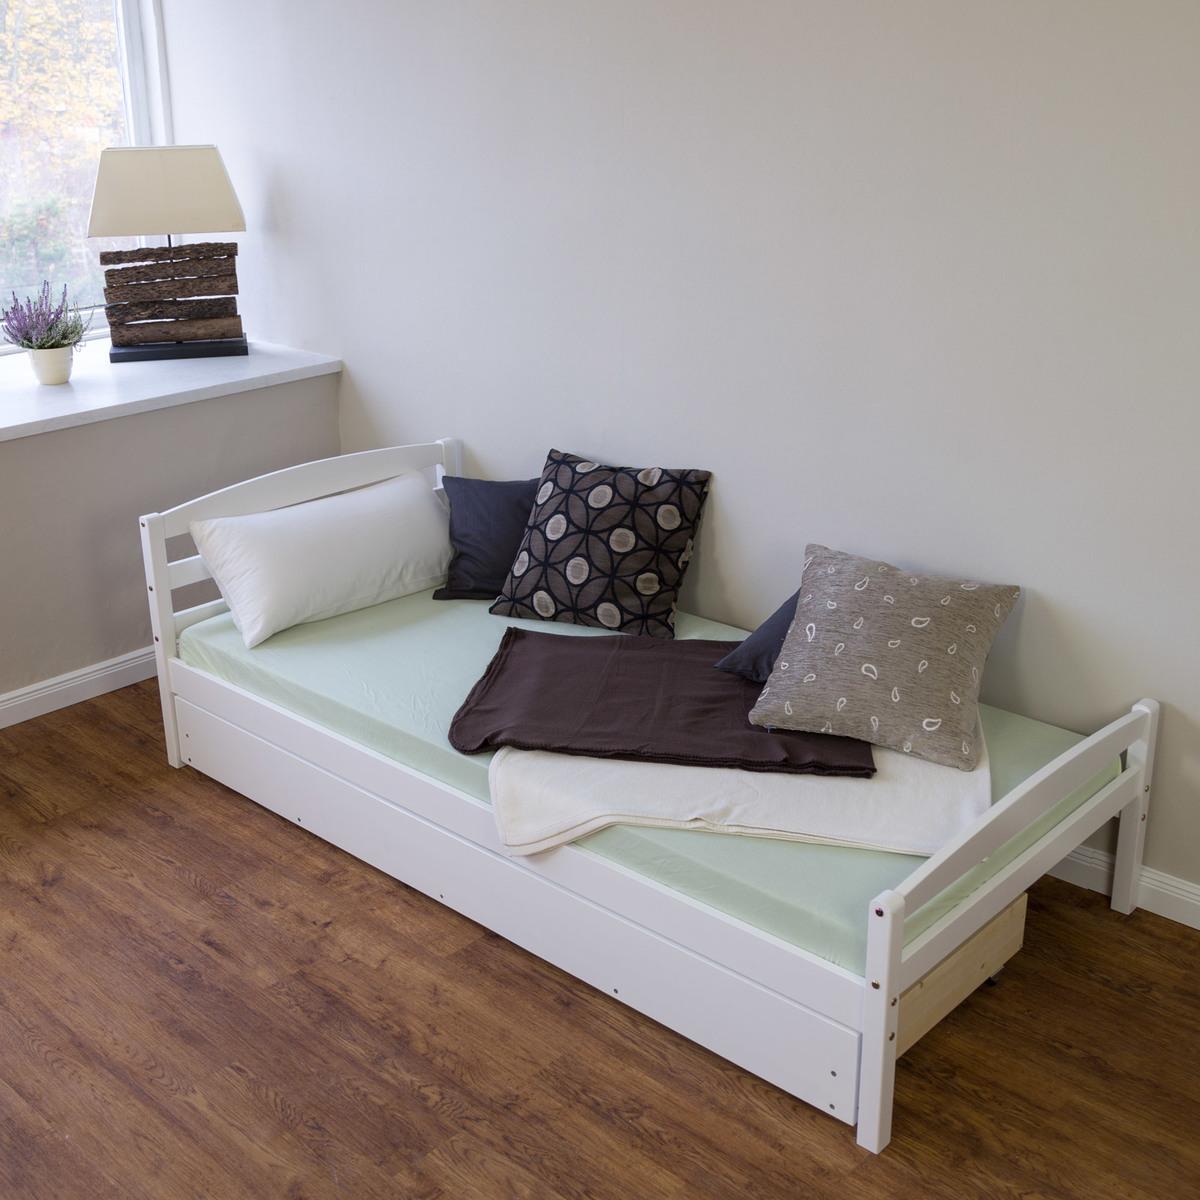 Detská posteľ Ourbaby Snowflake biela 200x90 cm